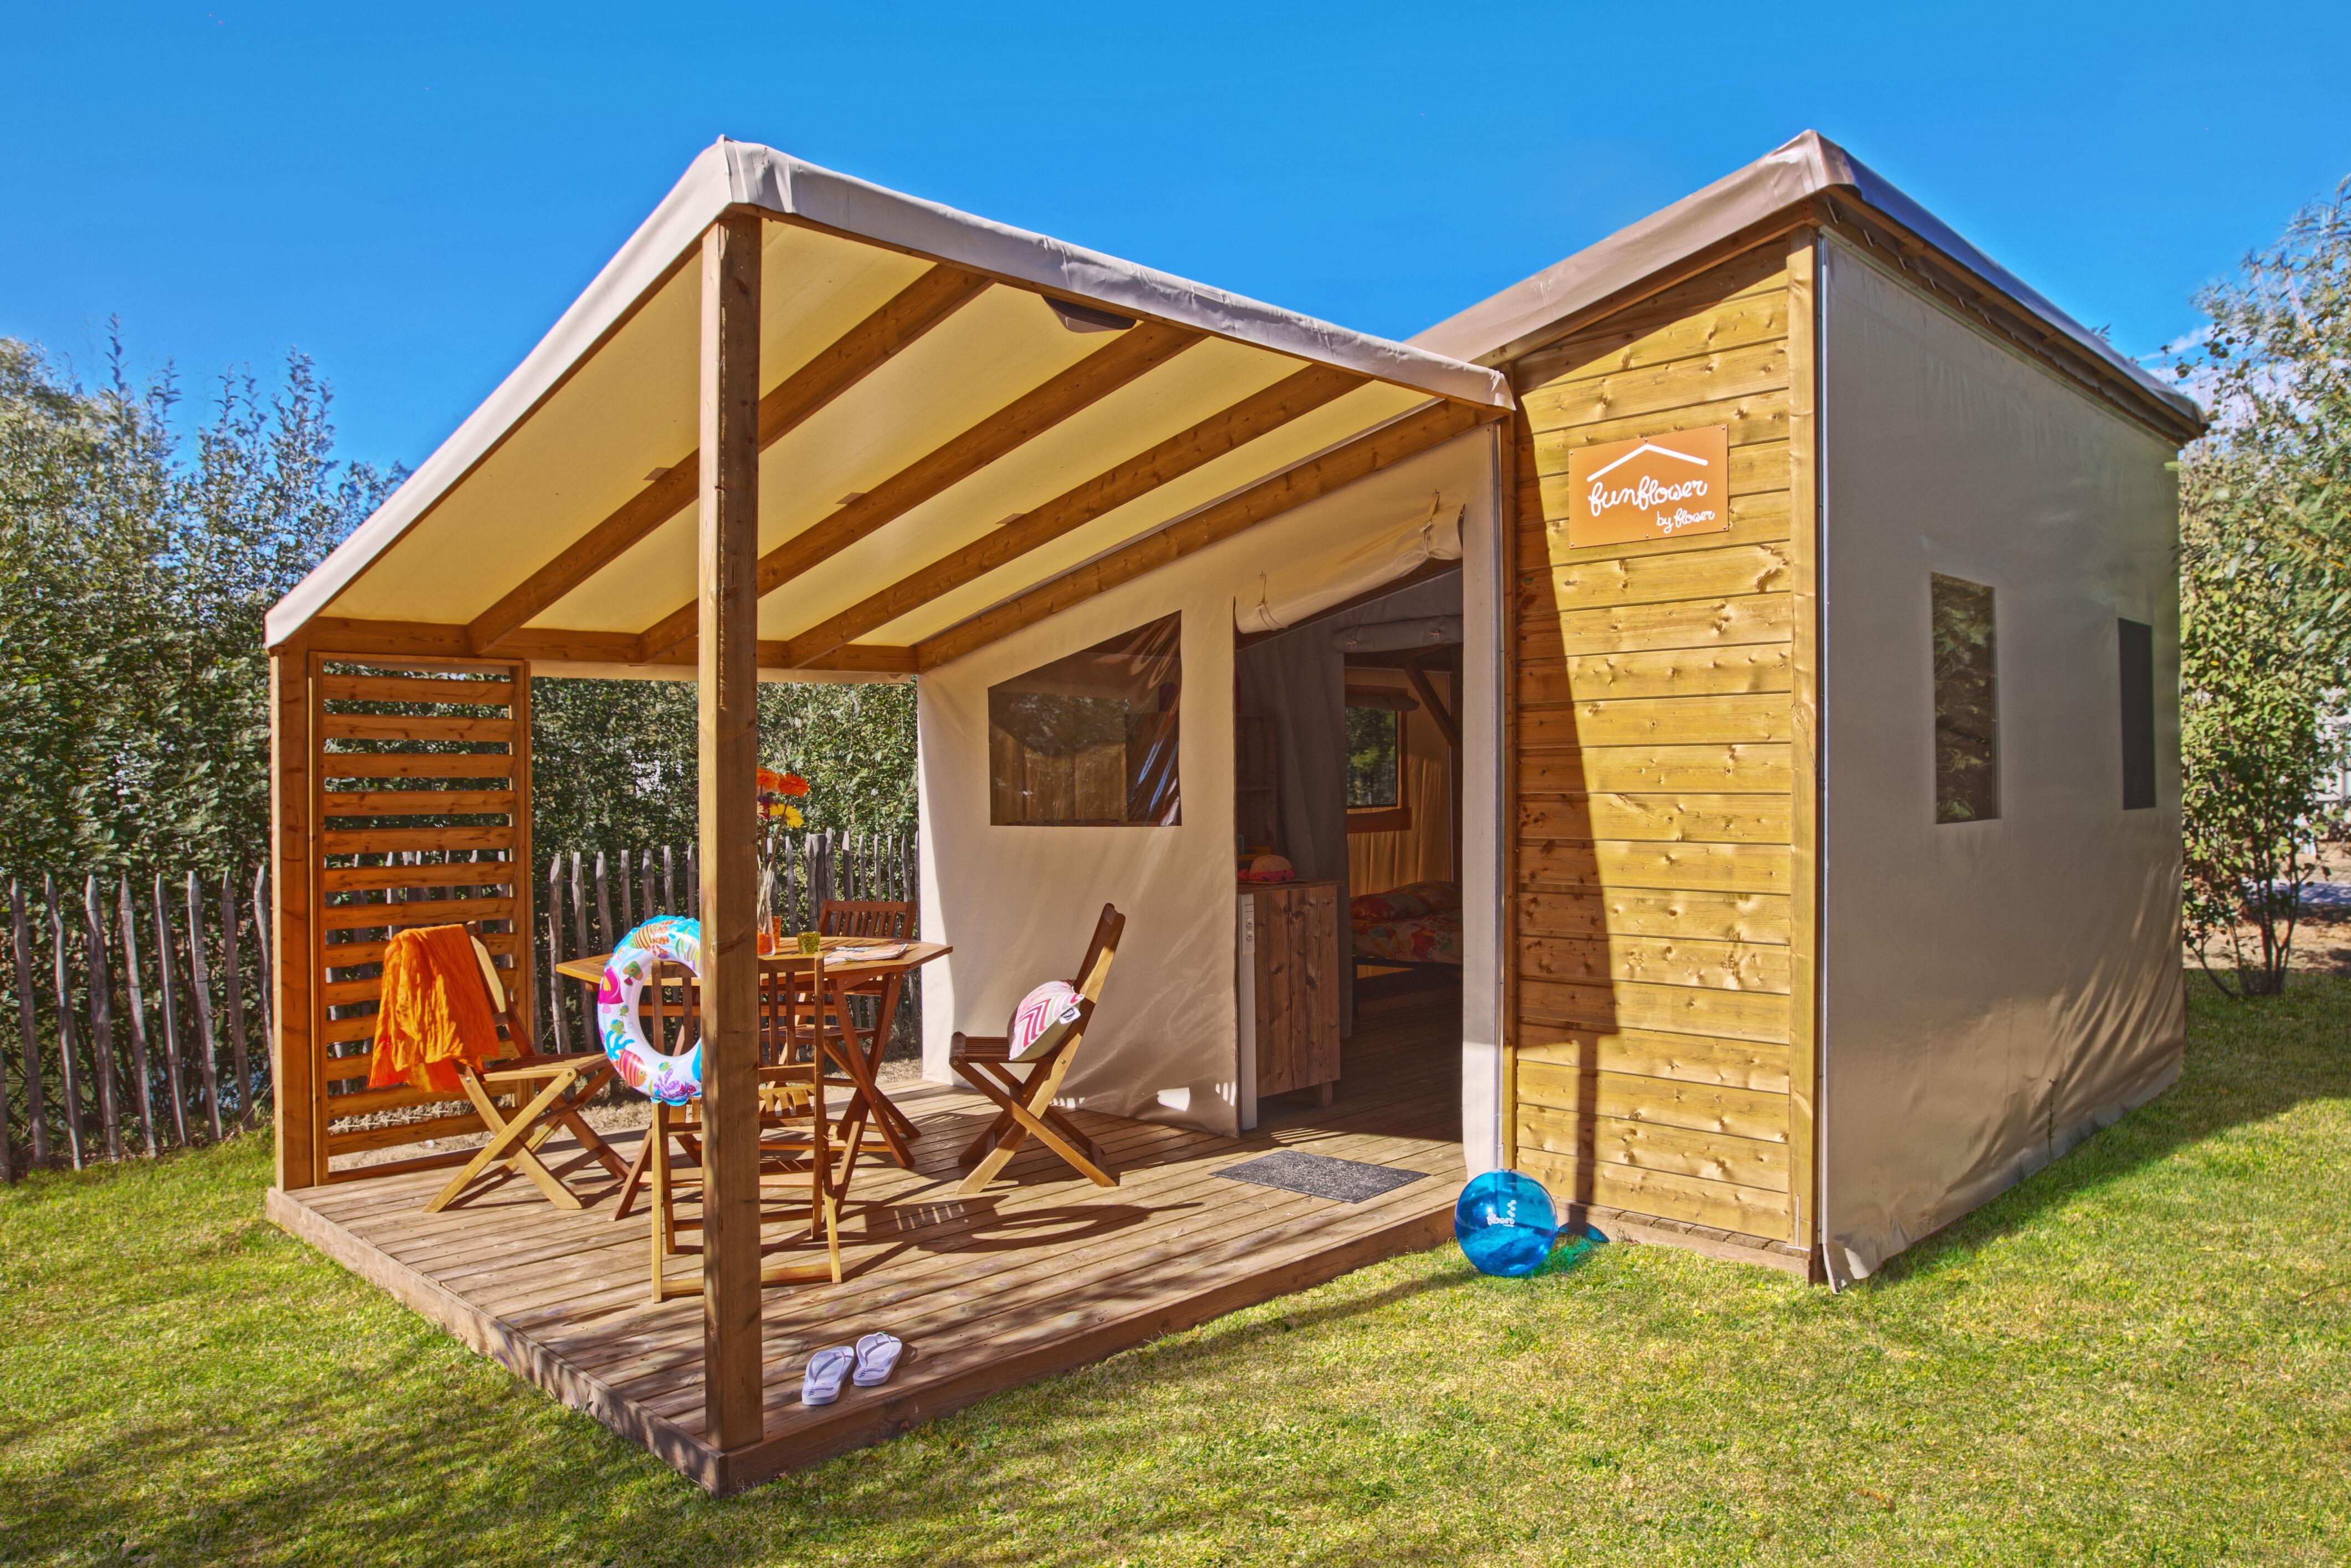 Location - Confort Tente Funflower 23M² (2 Chambres) Dont Terrasse Couverte 7M² - Camping Du Lac de la Chausselière